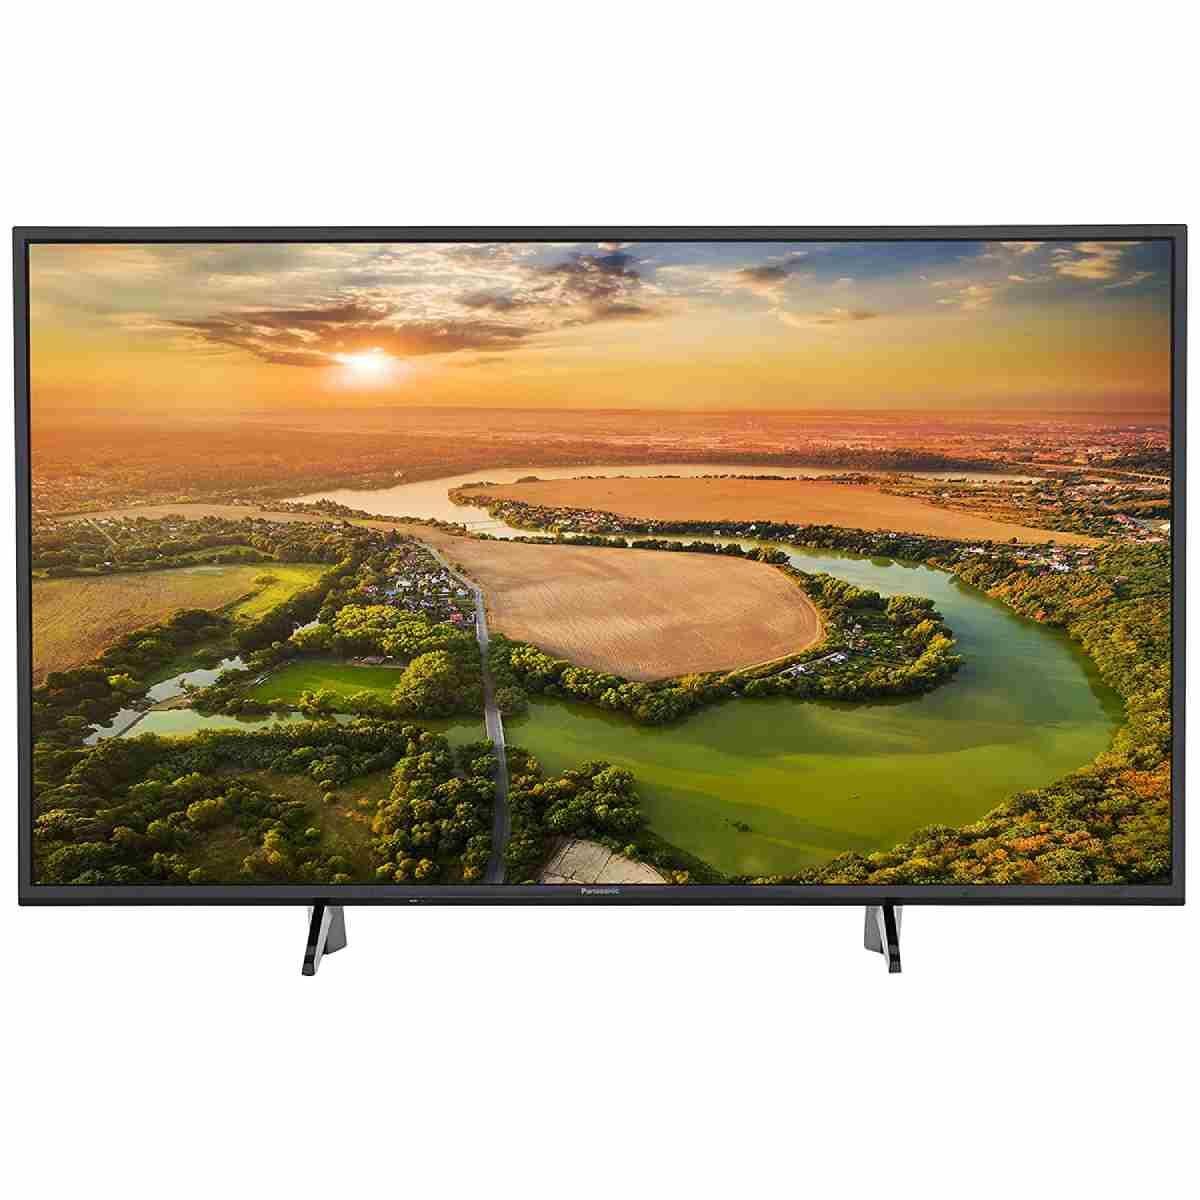 பேனாசோனிக் 49 அங்குலங்கள் 4K Ultra HD LED Smart டிவி (TH-49GX600D)